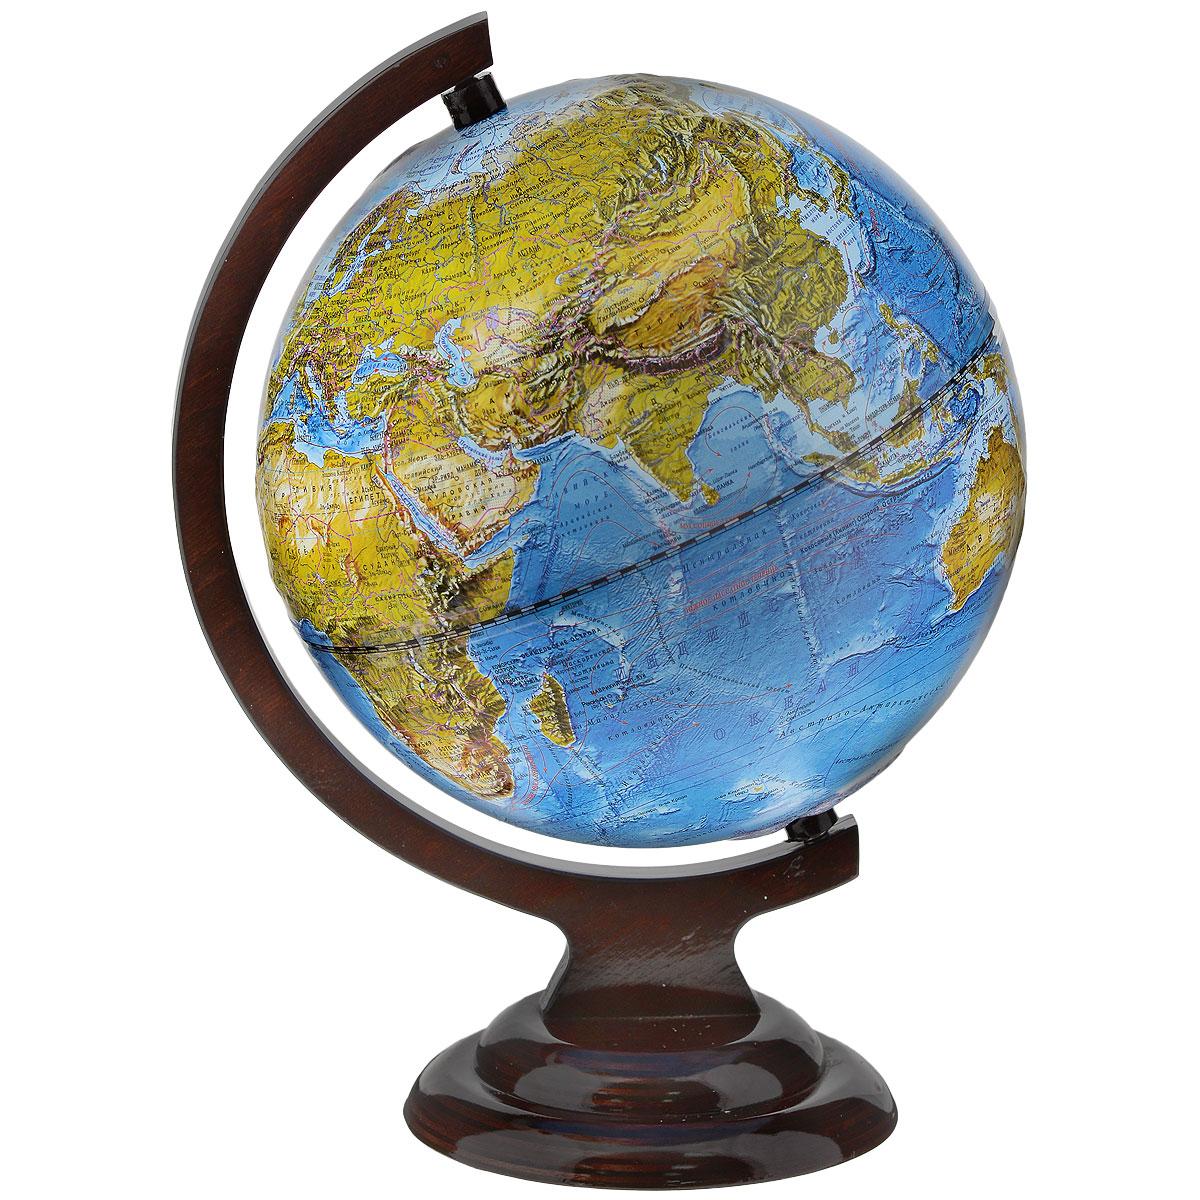 Глобусный мир Ландшафтный глобус, рельефный, диаметр 21 см, на деревянной подставкеFS-00897Ландшафтный глобус Глобусный мир, изготовленный из высококачественного прочного пластика.Данная модель предназначена для ознакомления с особенностями ландшафта нашей планеты. Помимо этого ландшафтный глобус обладает приятной цветовой гаммой. Глобус дает представление о местоположении материков и океанов, на нем можно рассмотреть особенности ландшафта нашей планеты (рельефы местности, леса, горы, реки, моря, структуру дна океанов, рельеф суши), можно увидеть графическое изображение географических меридианов и параллелей, гидрографическая сеть, а также крупнейшие населенные пункты. На глобусе имеются направления и названия подводных течений. Модель имеет рельефную выпуклую поверхность, что, в свою очередь, делает глобус особенно интересным для детей младшего школьного и дошкольного возрастов. Названия стран на глобусе приведены на русской язык. Изделие расположено на красивой деревянной подставке, что придает этой модели подарочный вид.Настольный глобус Глобусный мир станет оригинальным украшением рабочего стола или вашего кабинета. Это изысканная вещь для стильного интерьера, которая станет прекрасным подарком для современного преуспевающего человека, следующего последним тенденциям моды и стремящегося к элегантности и комфорту в каждой детали.Масштаб: 1:60 000 000.